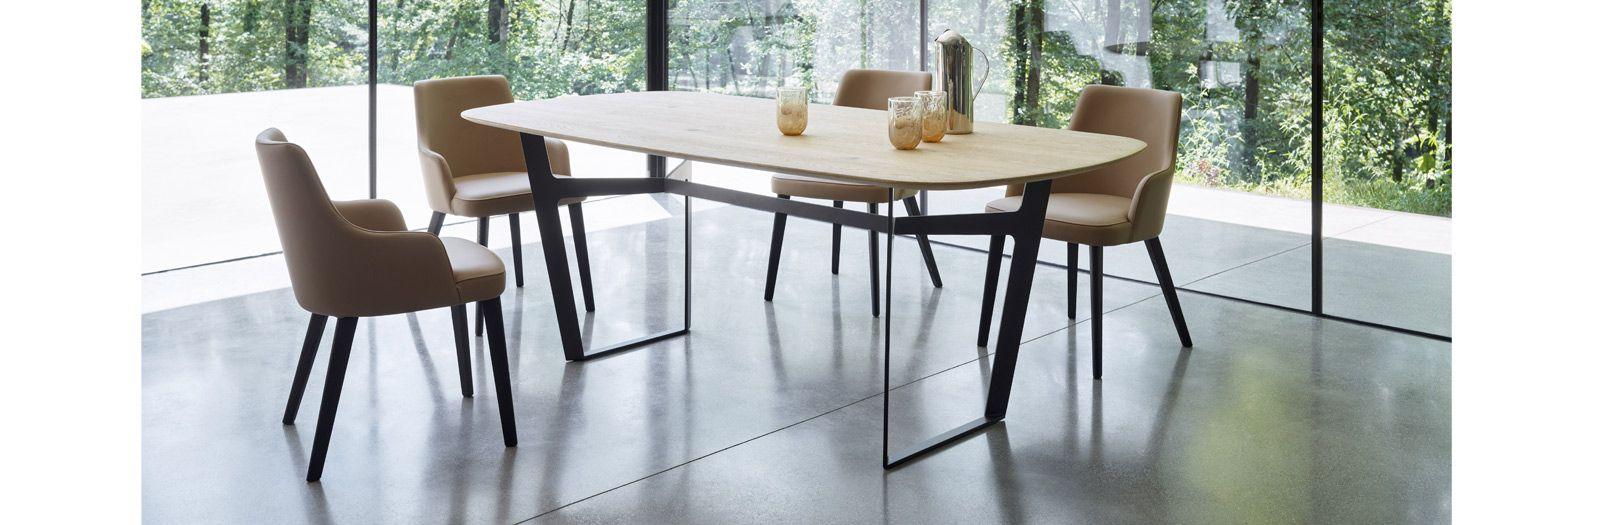 Tavoli E Sedie Da Giardino Obi.Pin Su Zona Giorno